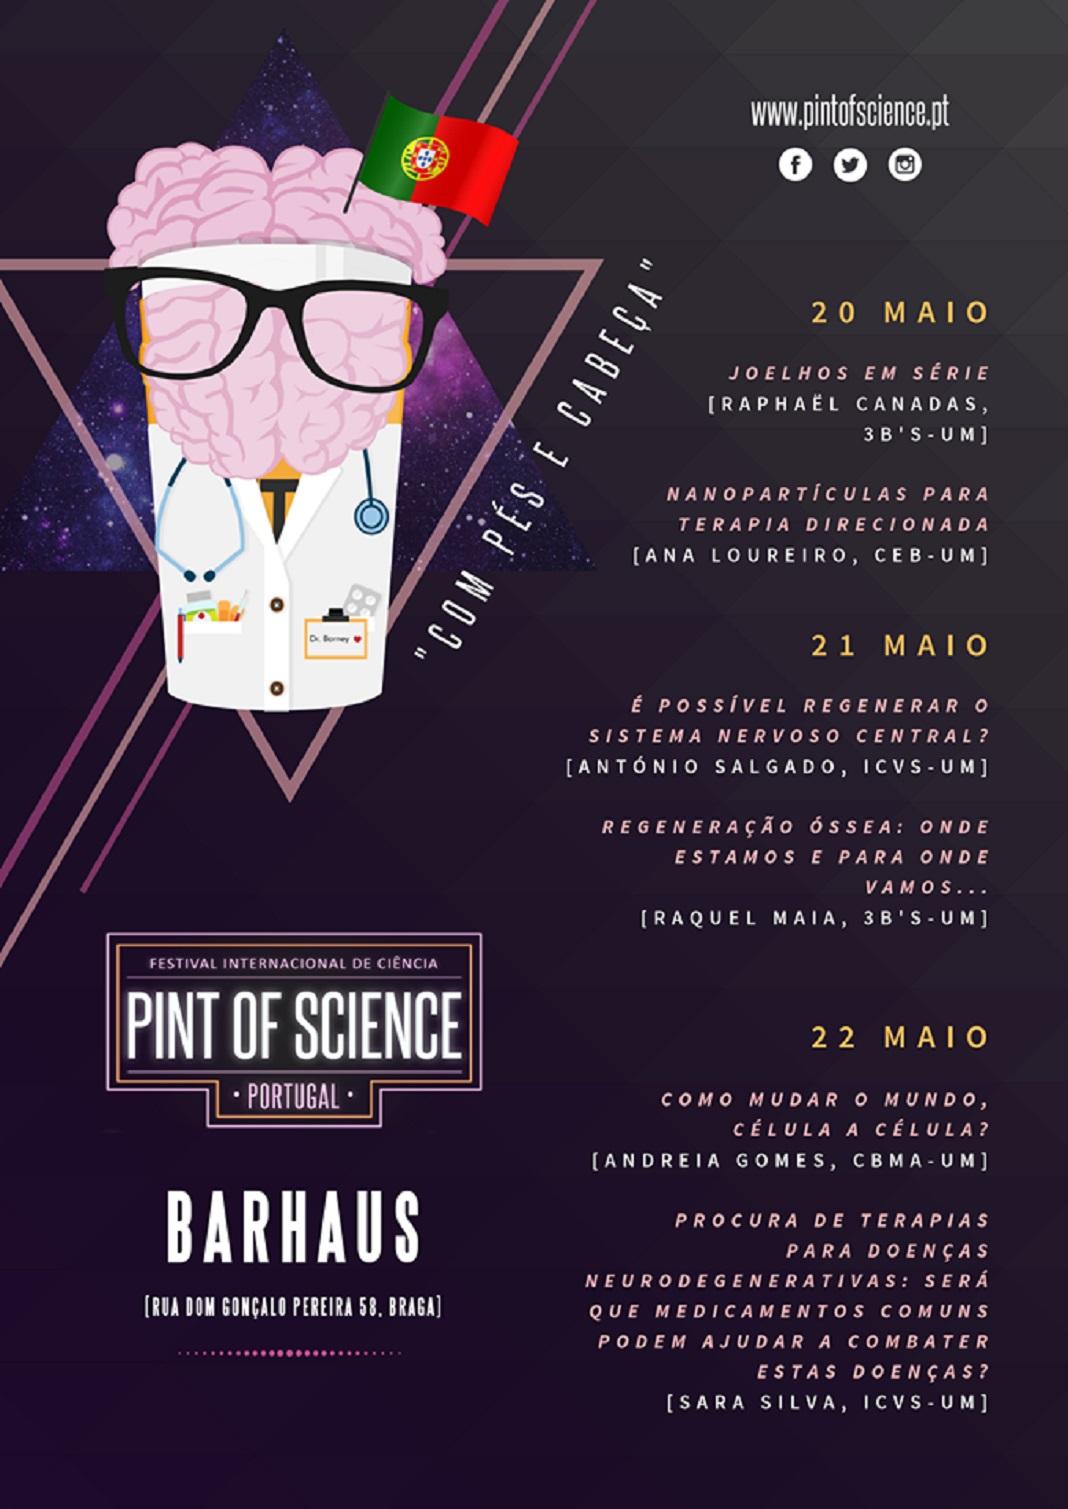 """Festival """"Pint of Science"""": 18 investigadores apresentam projetos em bares de Braga"""